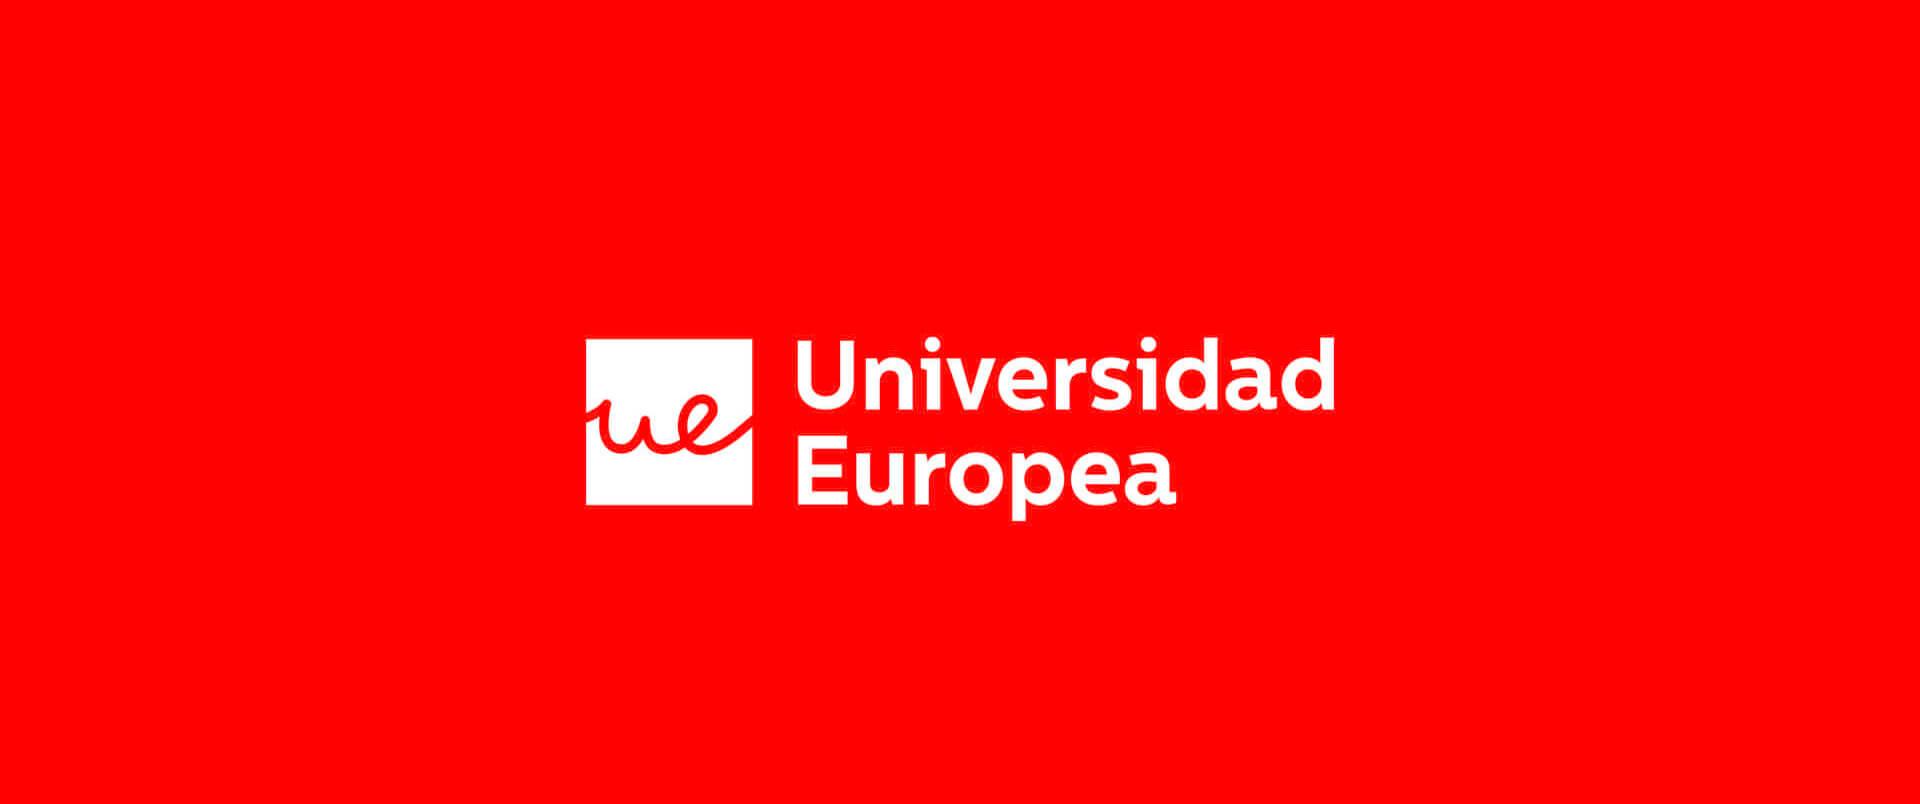 Banner con el logo de la Universidad Europea